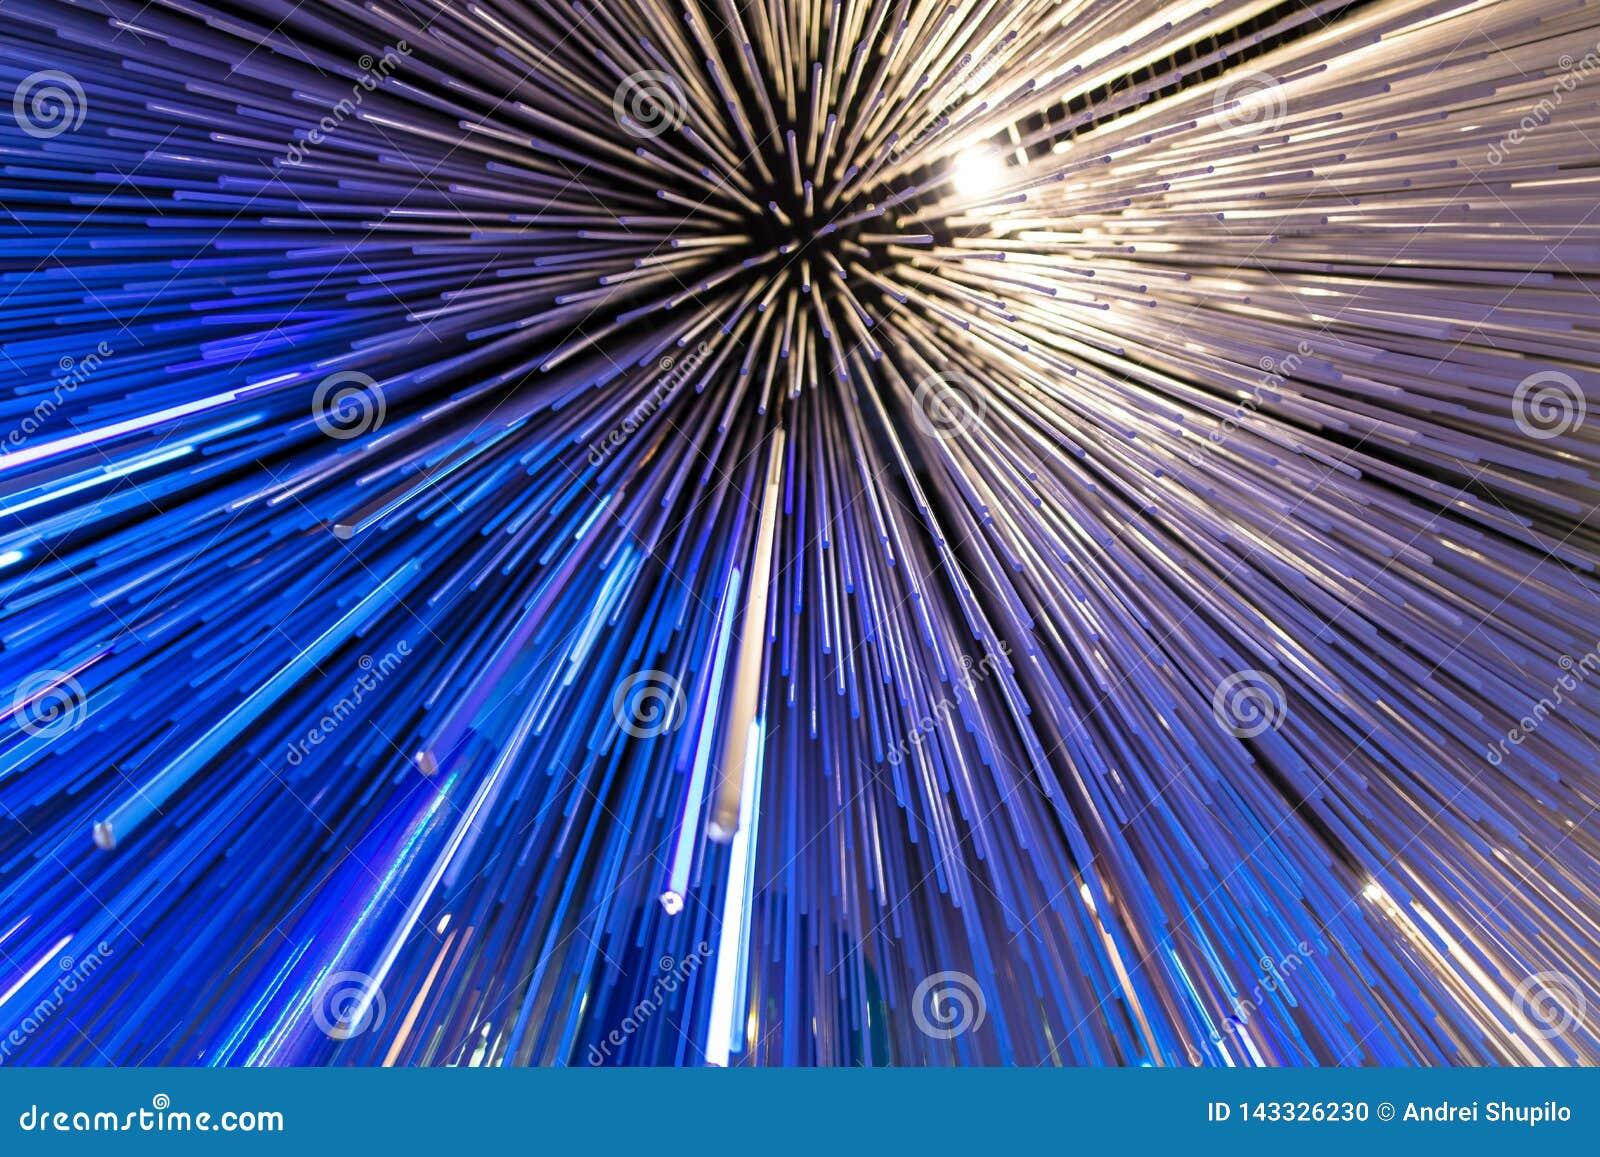 Blauwe gloeiende glaslijnen als abstracte achtergrond